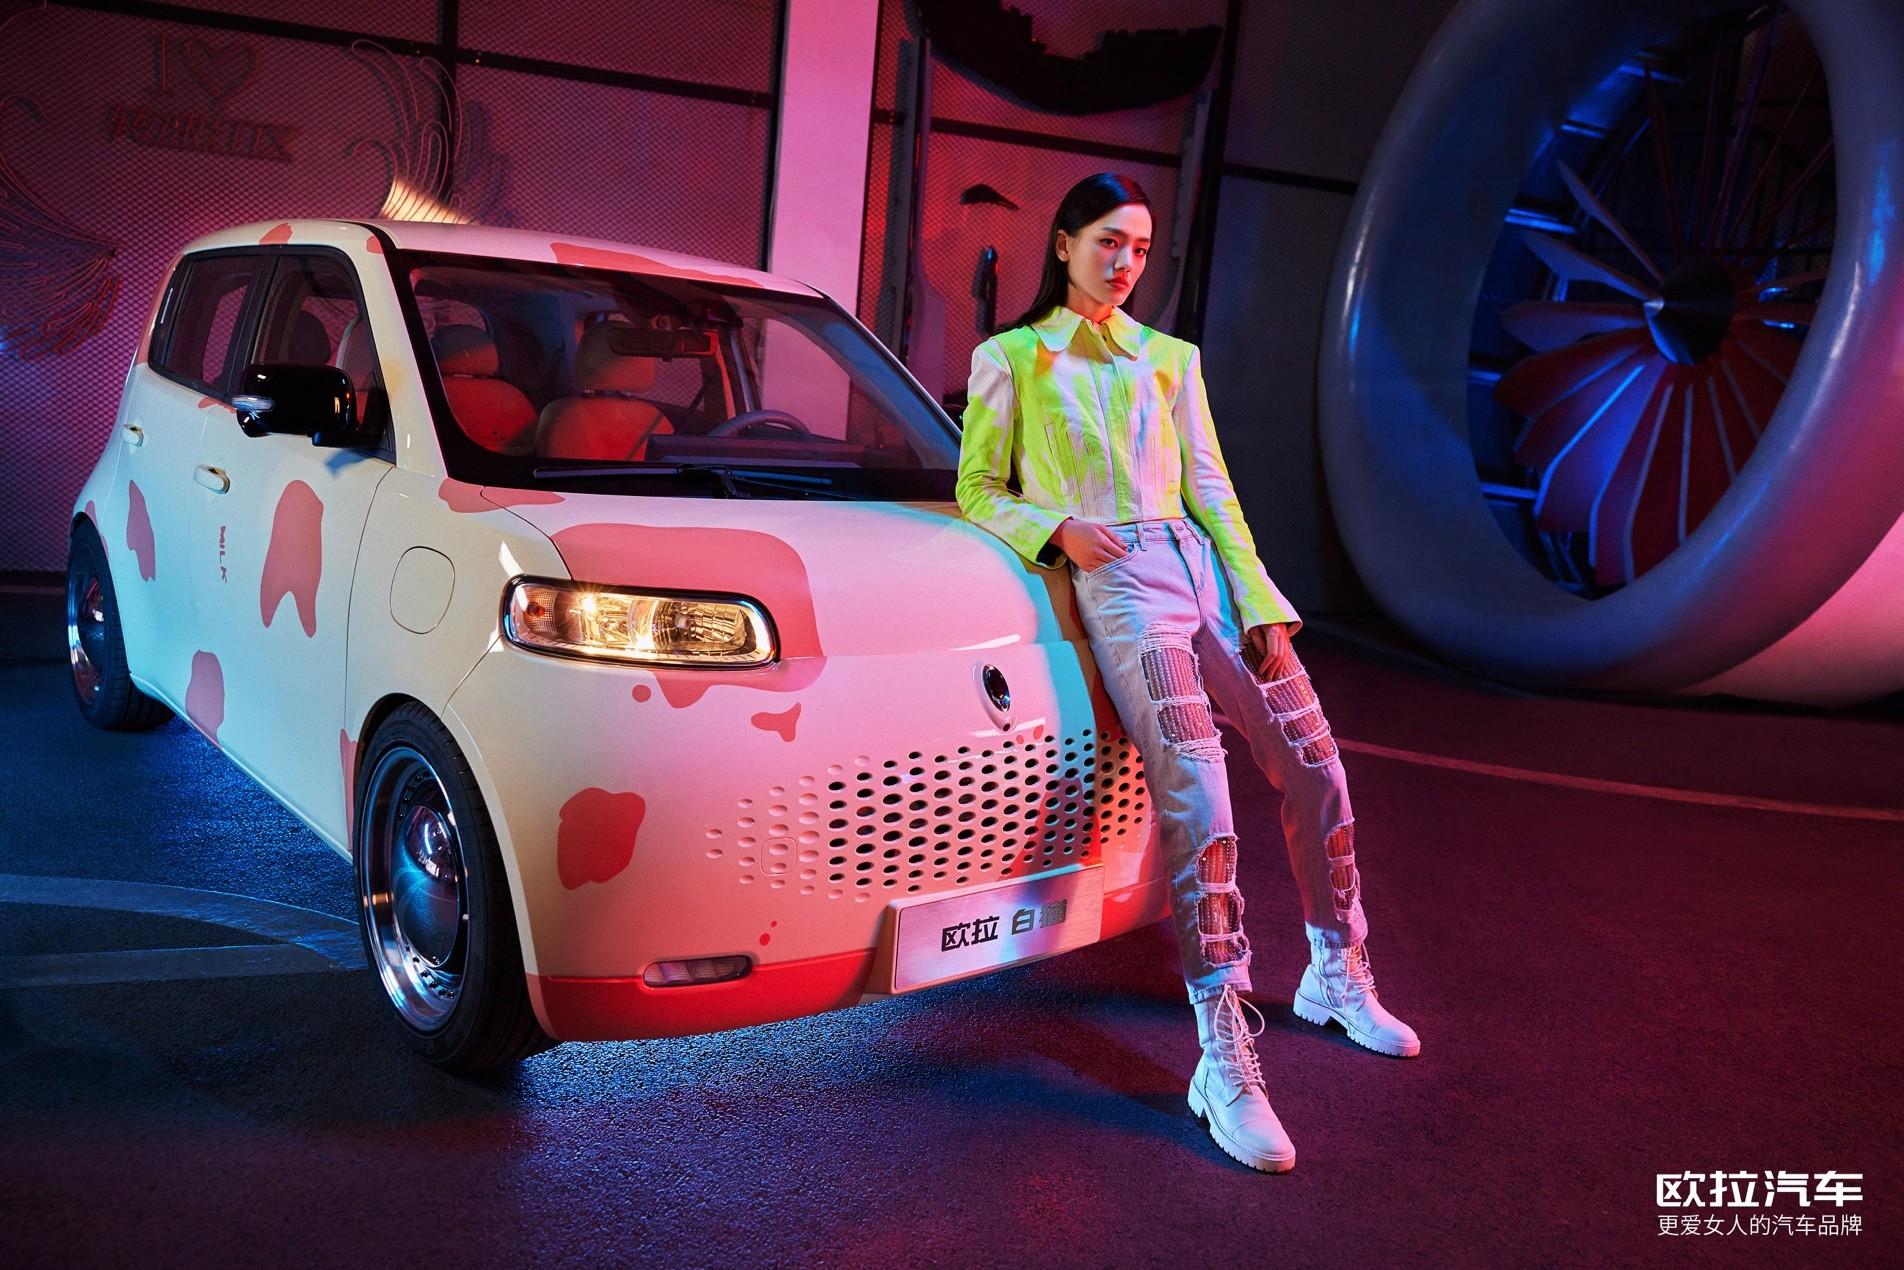 引领消费新范式,欧拉开启中国汽车订阅化服务新时代!-第3张图片-汽车笔记网